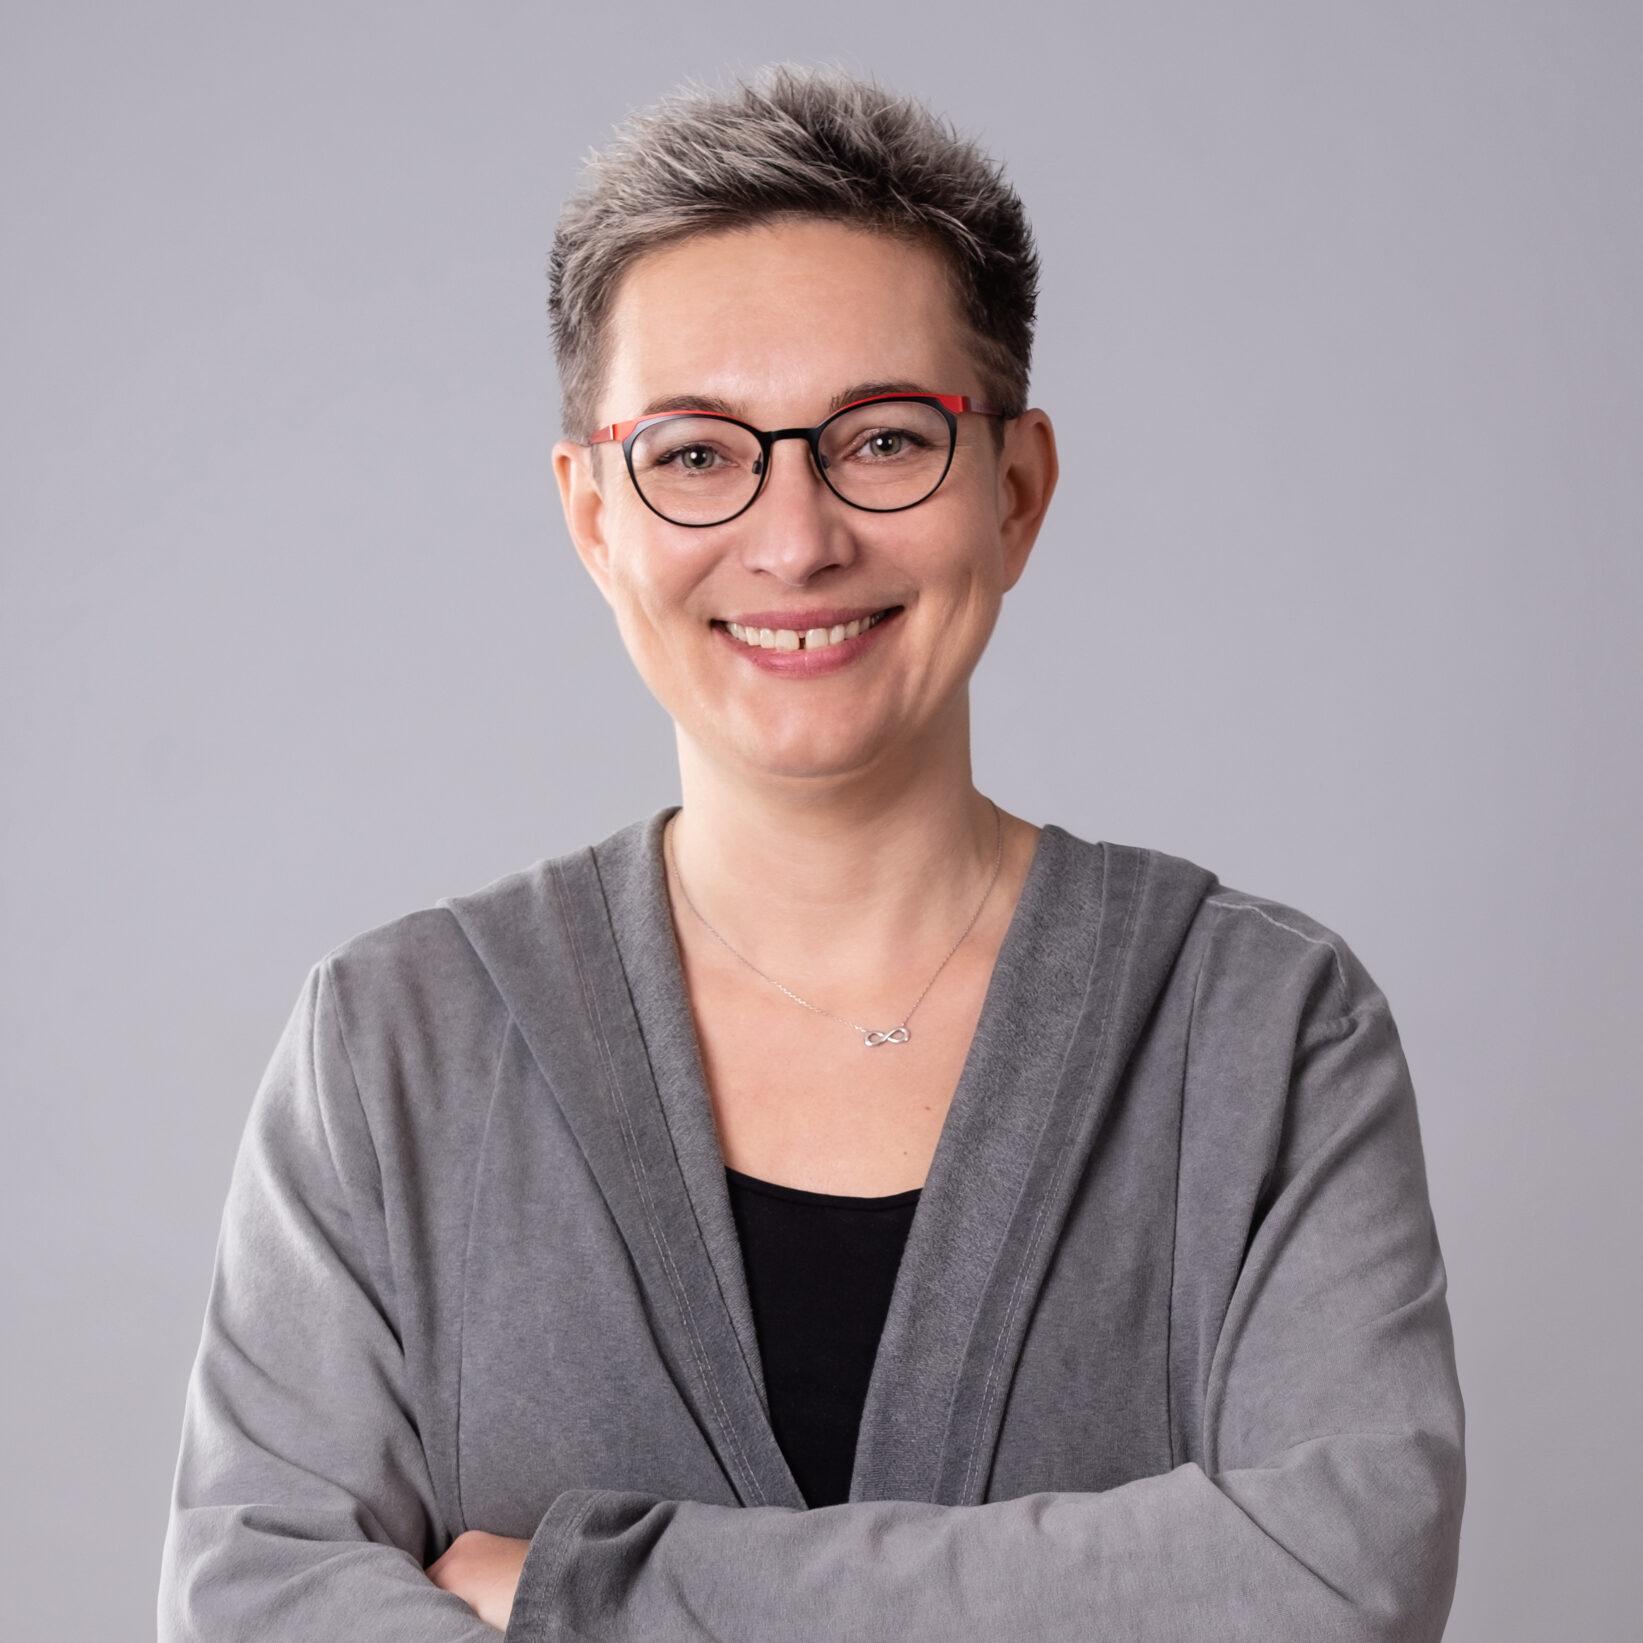 Anna Tylikowska